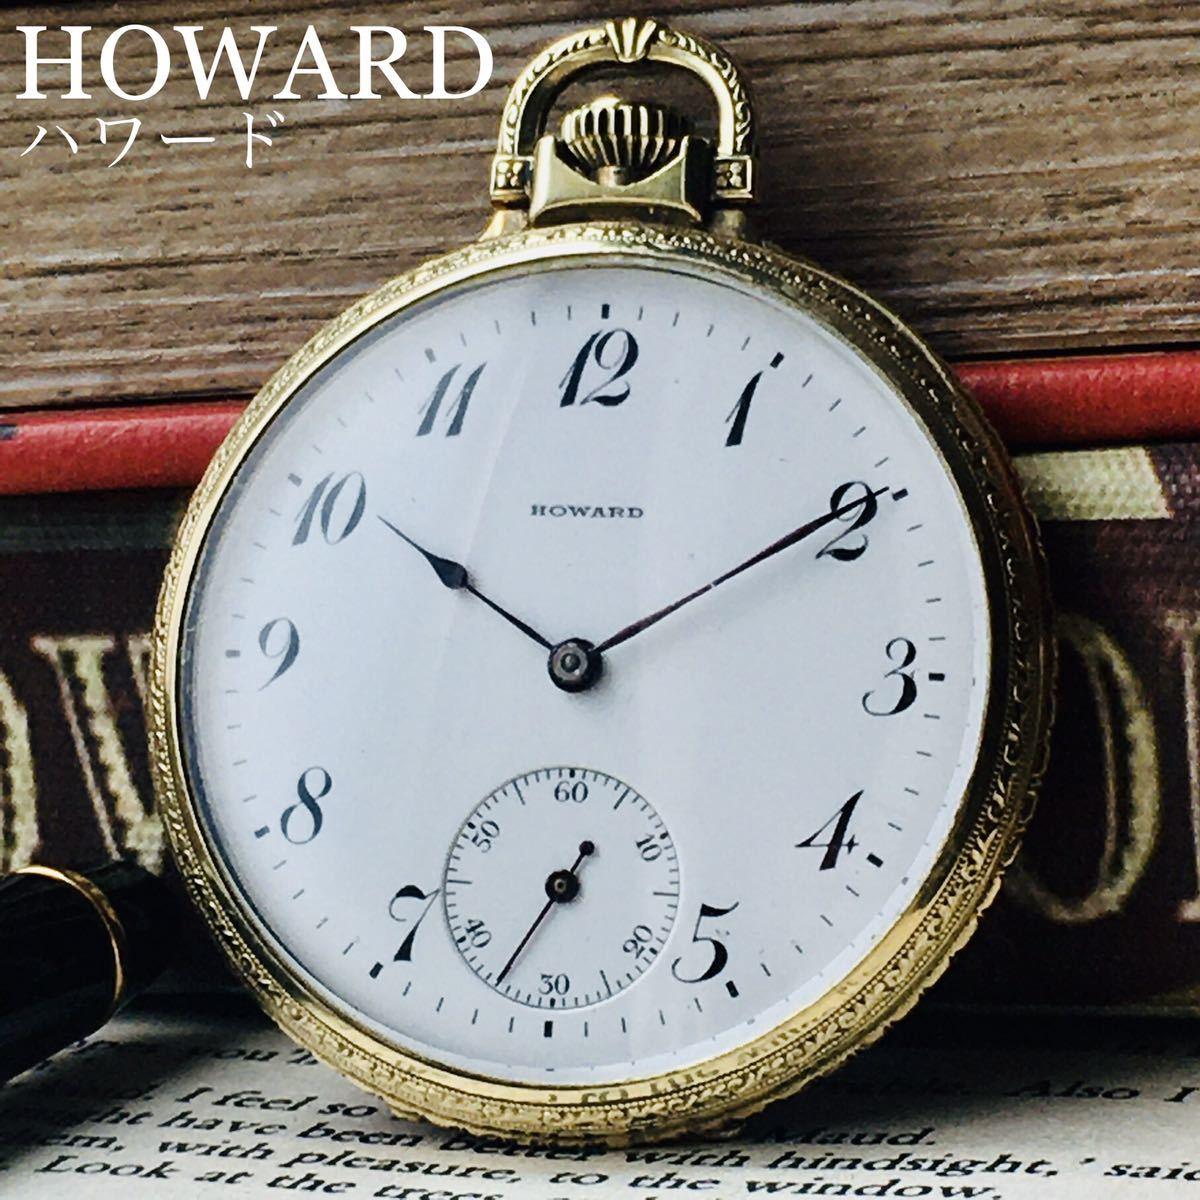 希少!!動作良好★HOWARD ハワード アンティーク 懐中時計 1911年 手巻き ケース径46㎜ 14KGF ビンテージ ポケットウォッチ 文字盤ホワイト_画像1